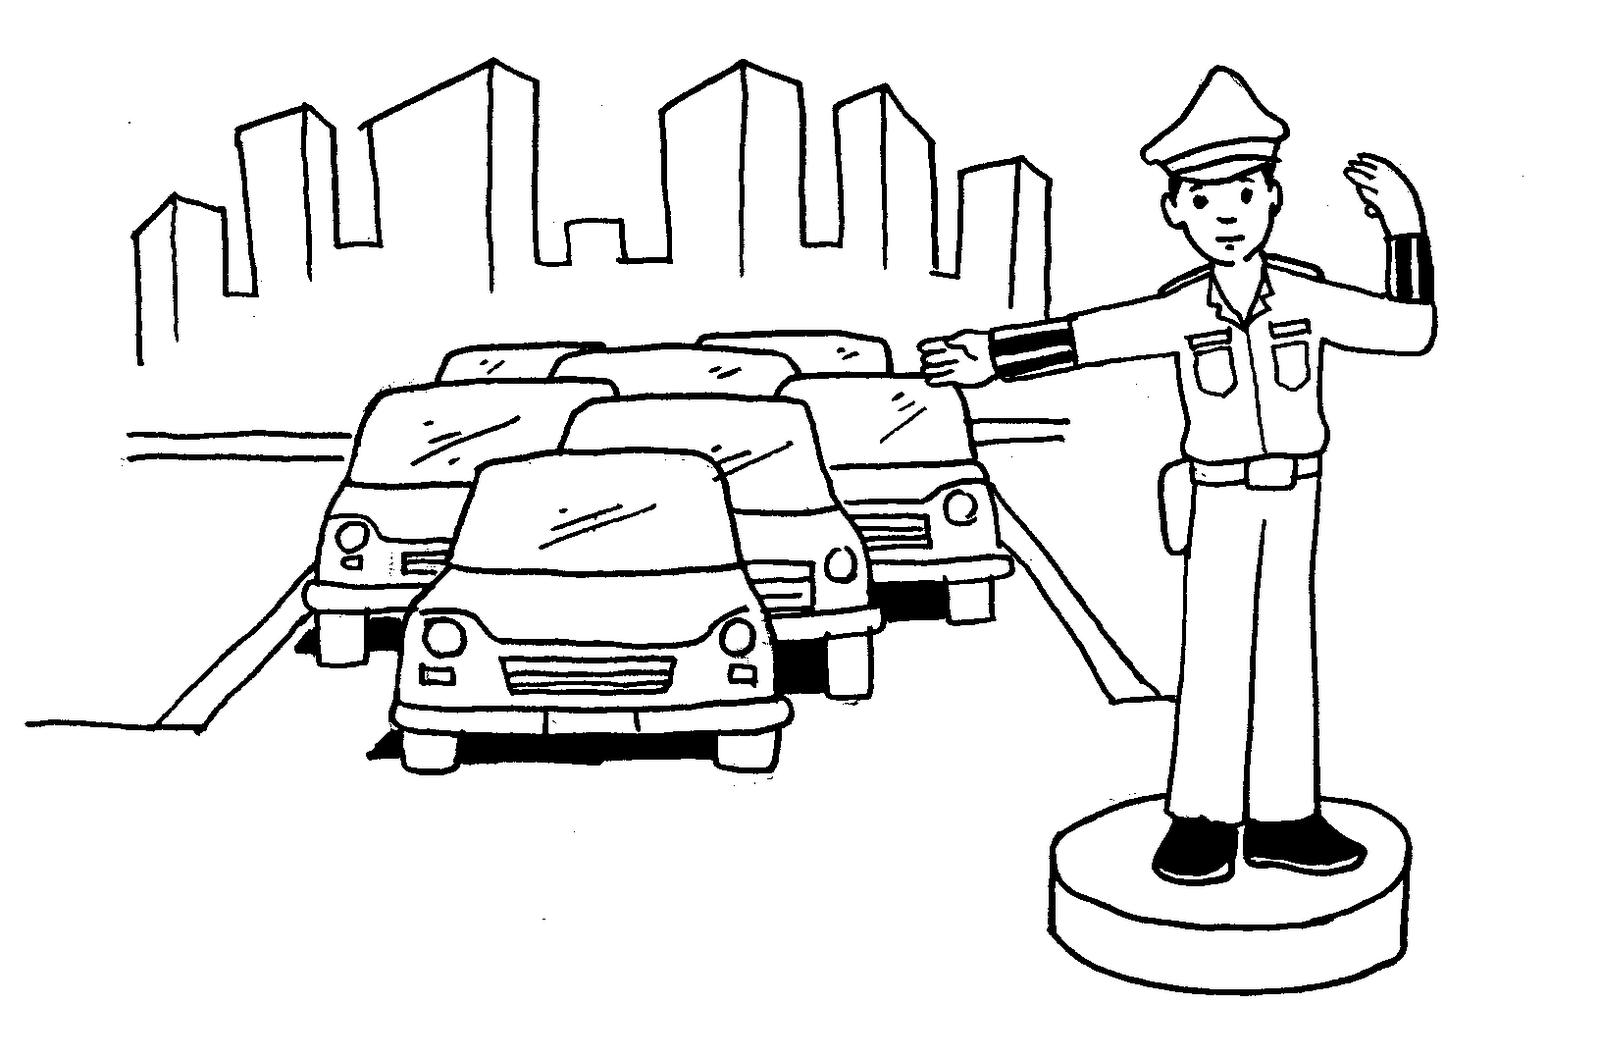 Gambar Karikatur Polisi Wanita | Bestkartun